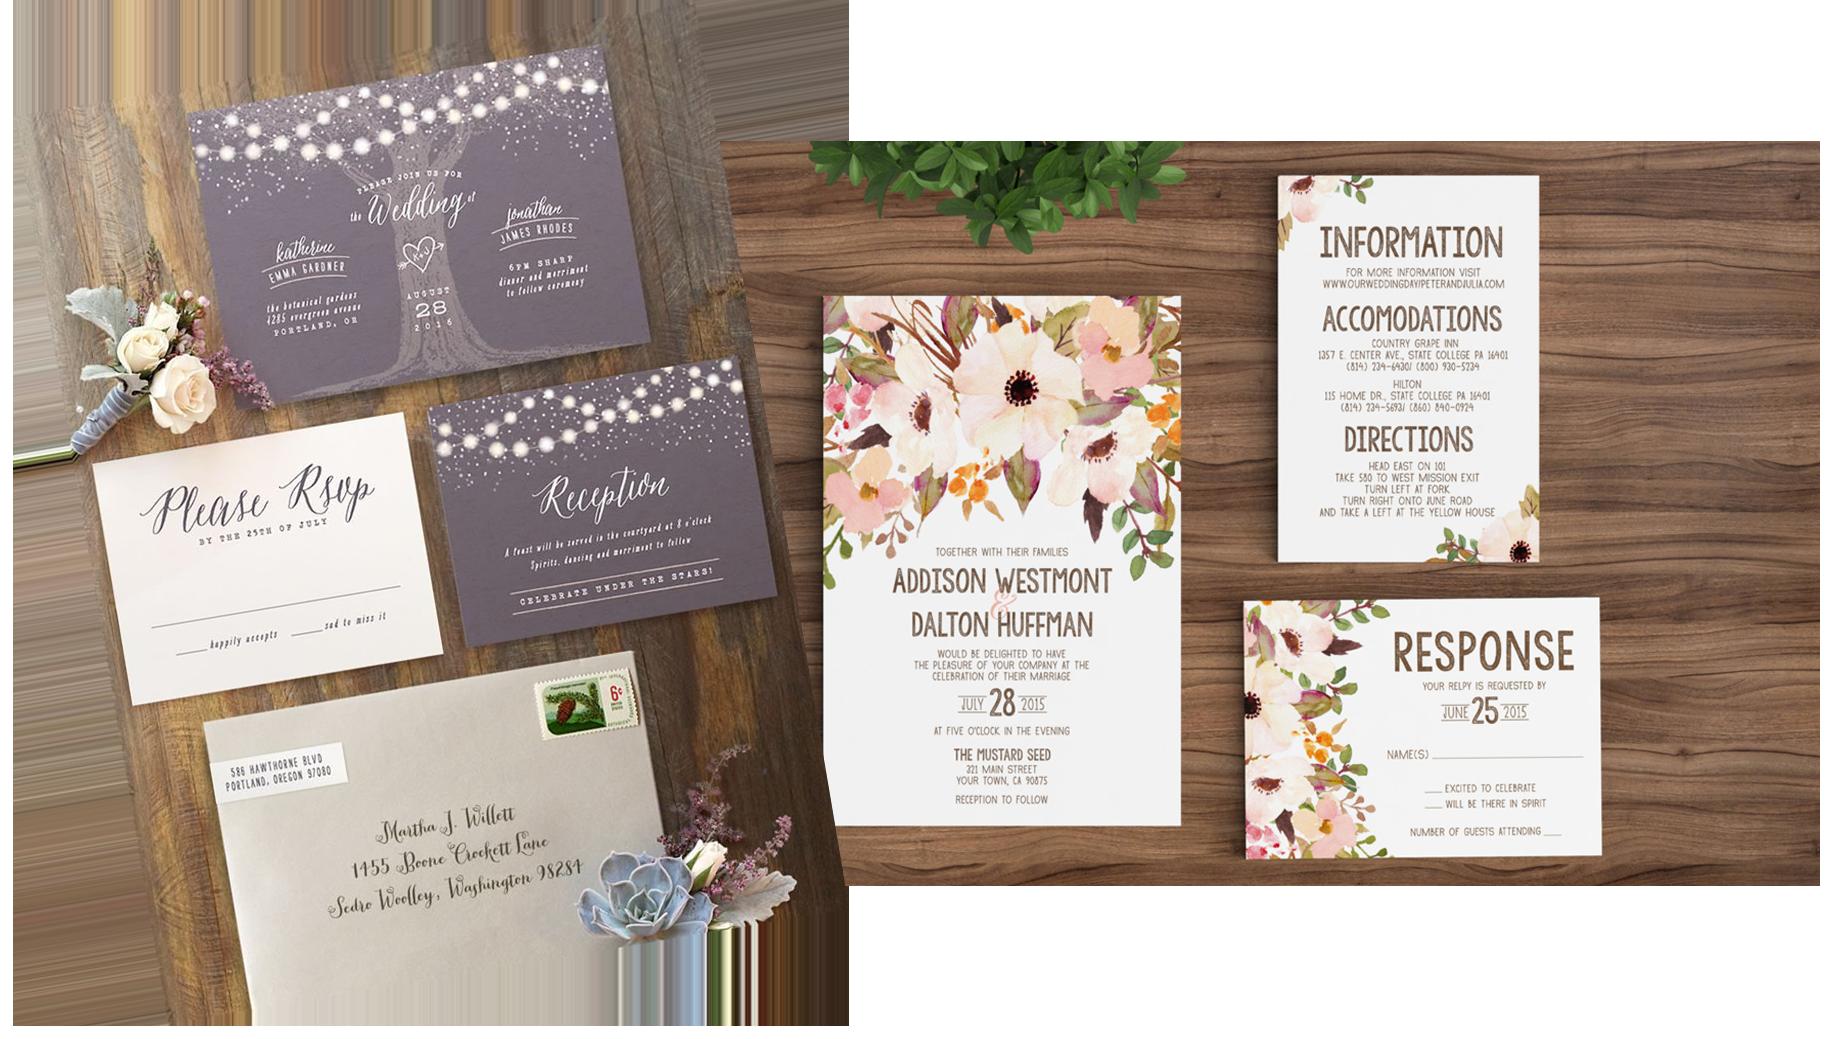 invite - Save the Date Cards vs Invitations